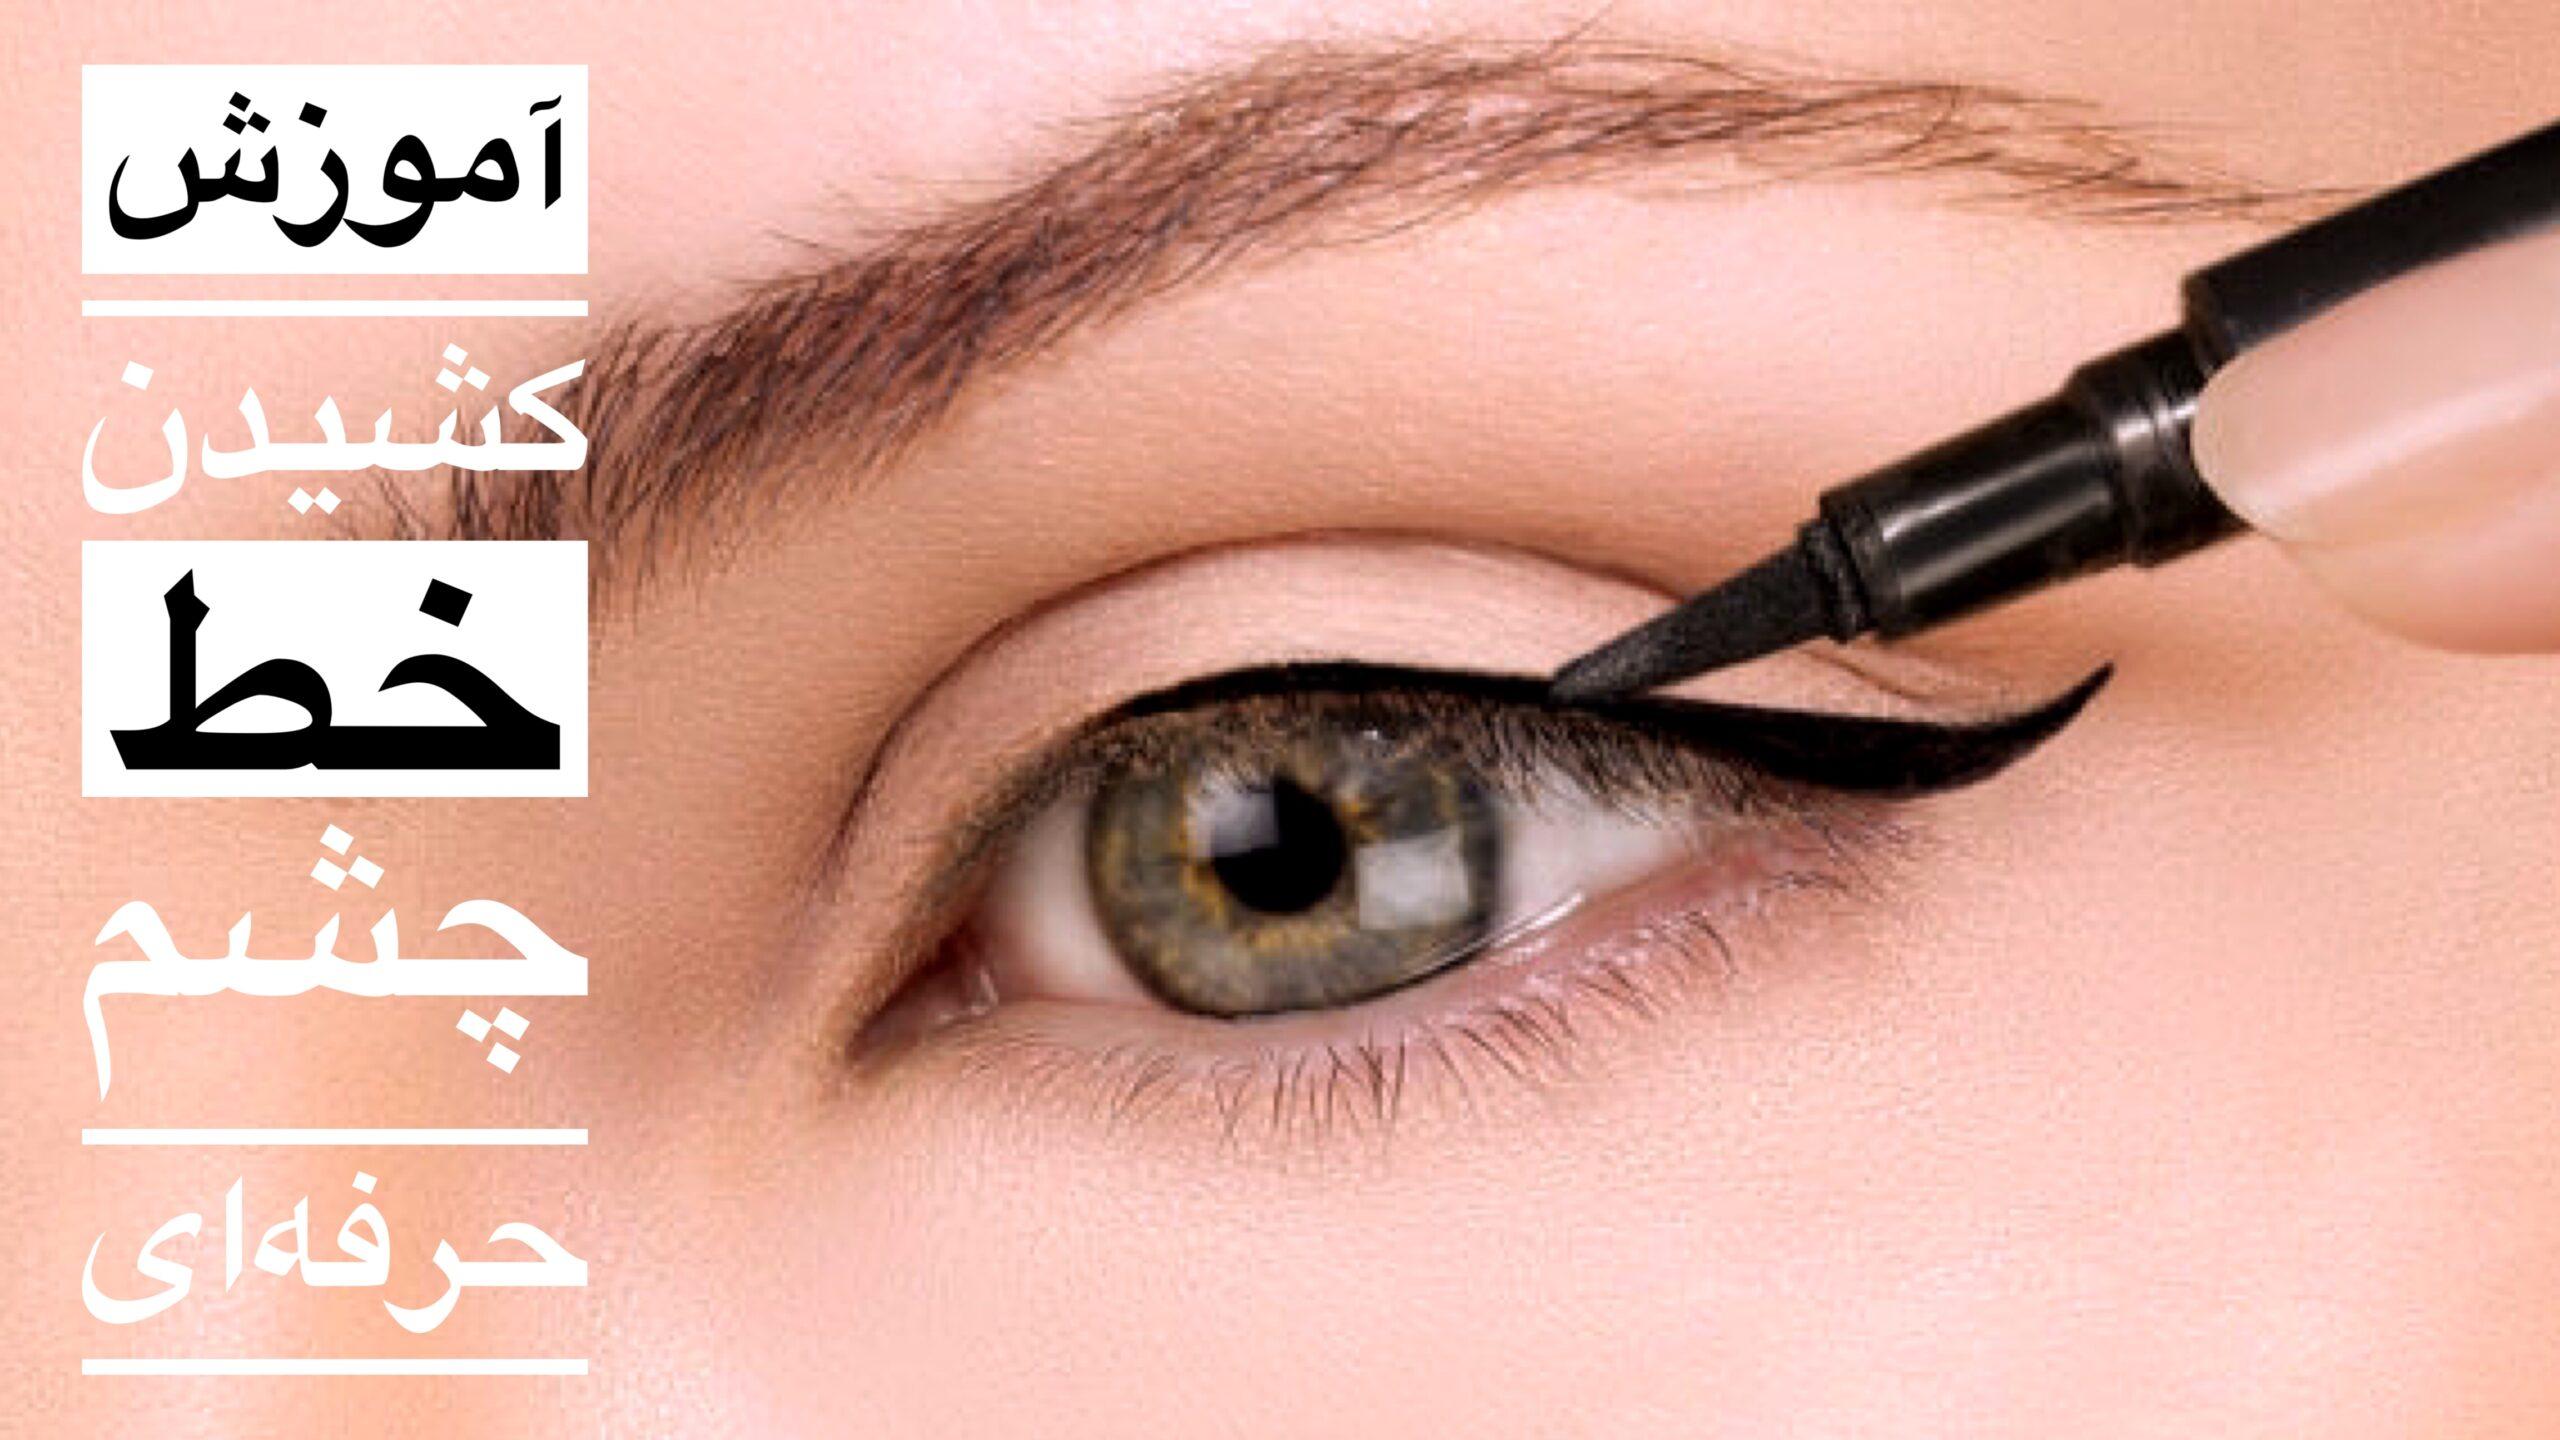 آموزش کشیدن خط چشم حرفه ای + تصویری